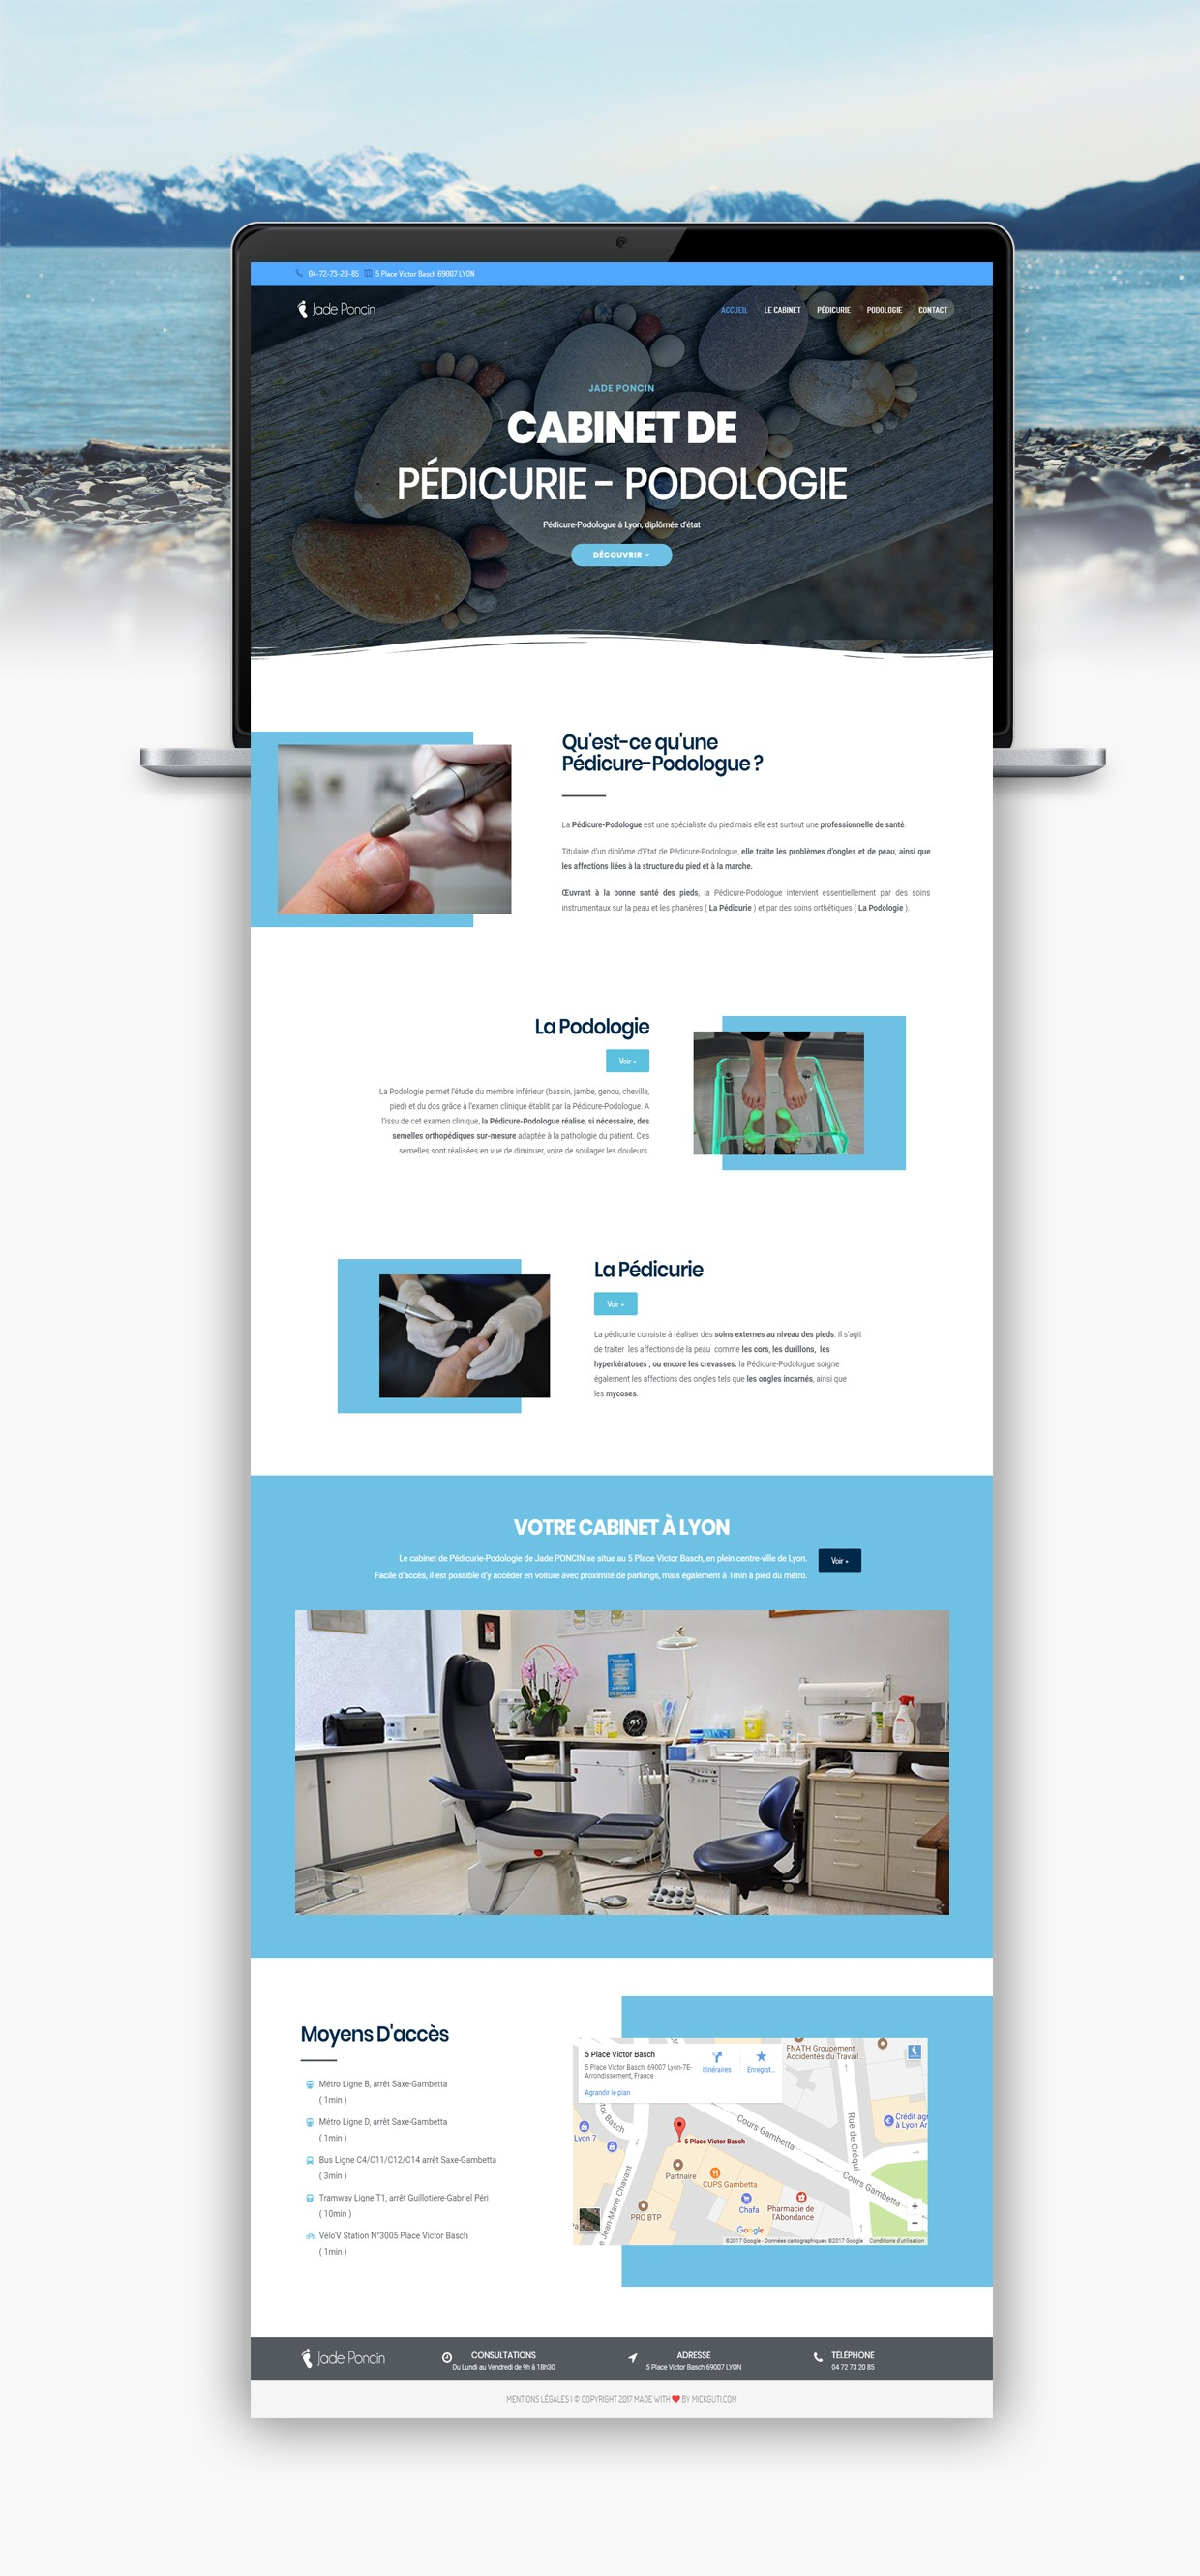 JadePoncinPodologue-Bigornot Site internet - Design - Site e-commerce